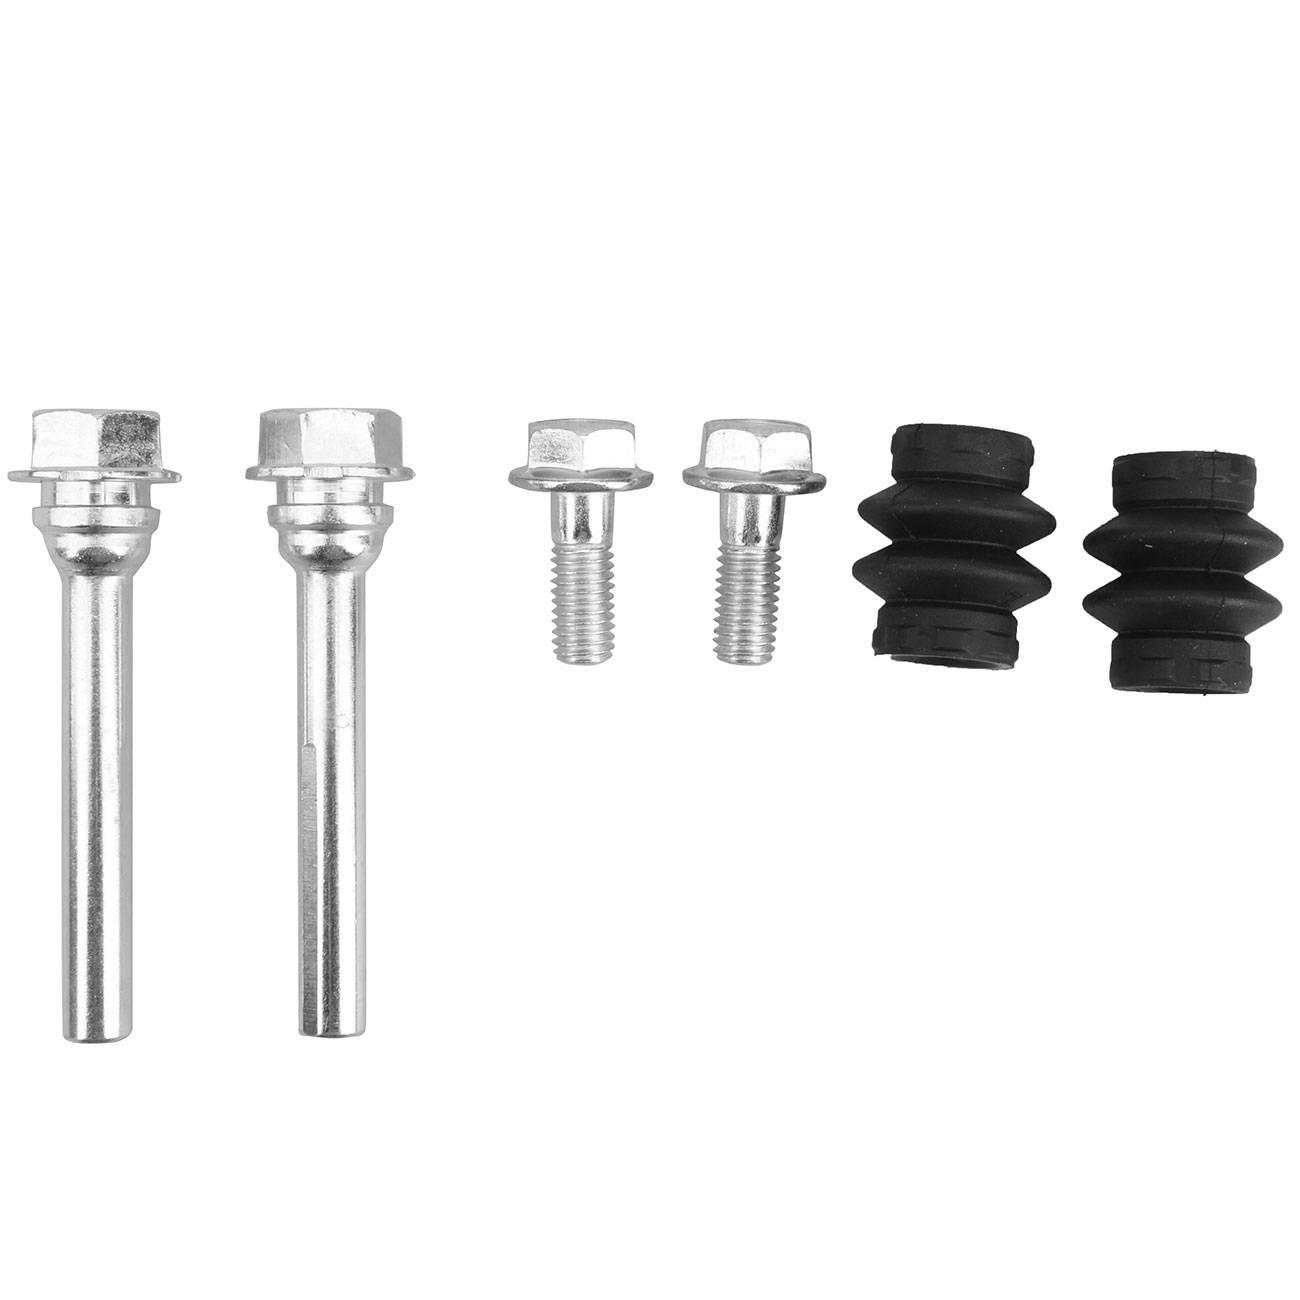 Bapmic-Set-Rear-Brake-Caliper-Brake-System-for-VW-Passat-3C2-3C5-1-6-1-9 thumbnail 5